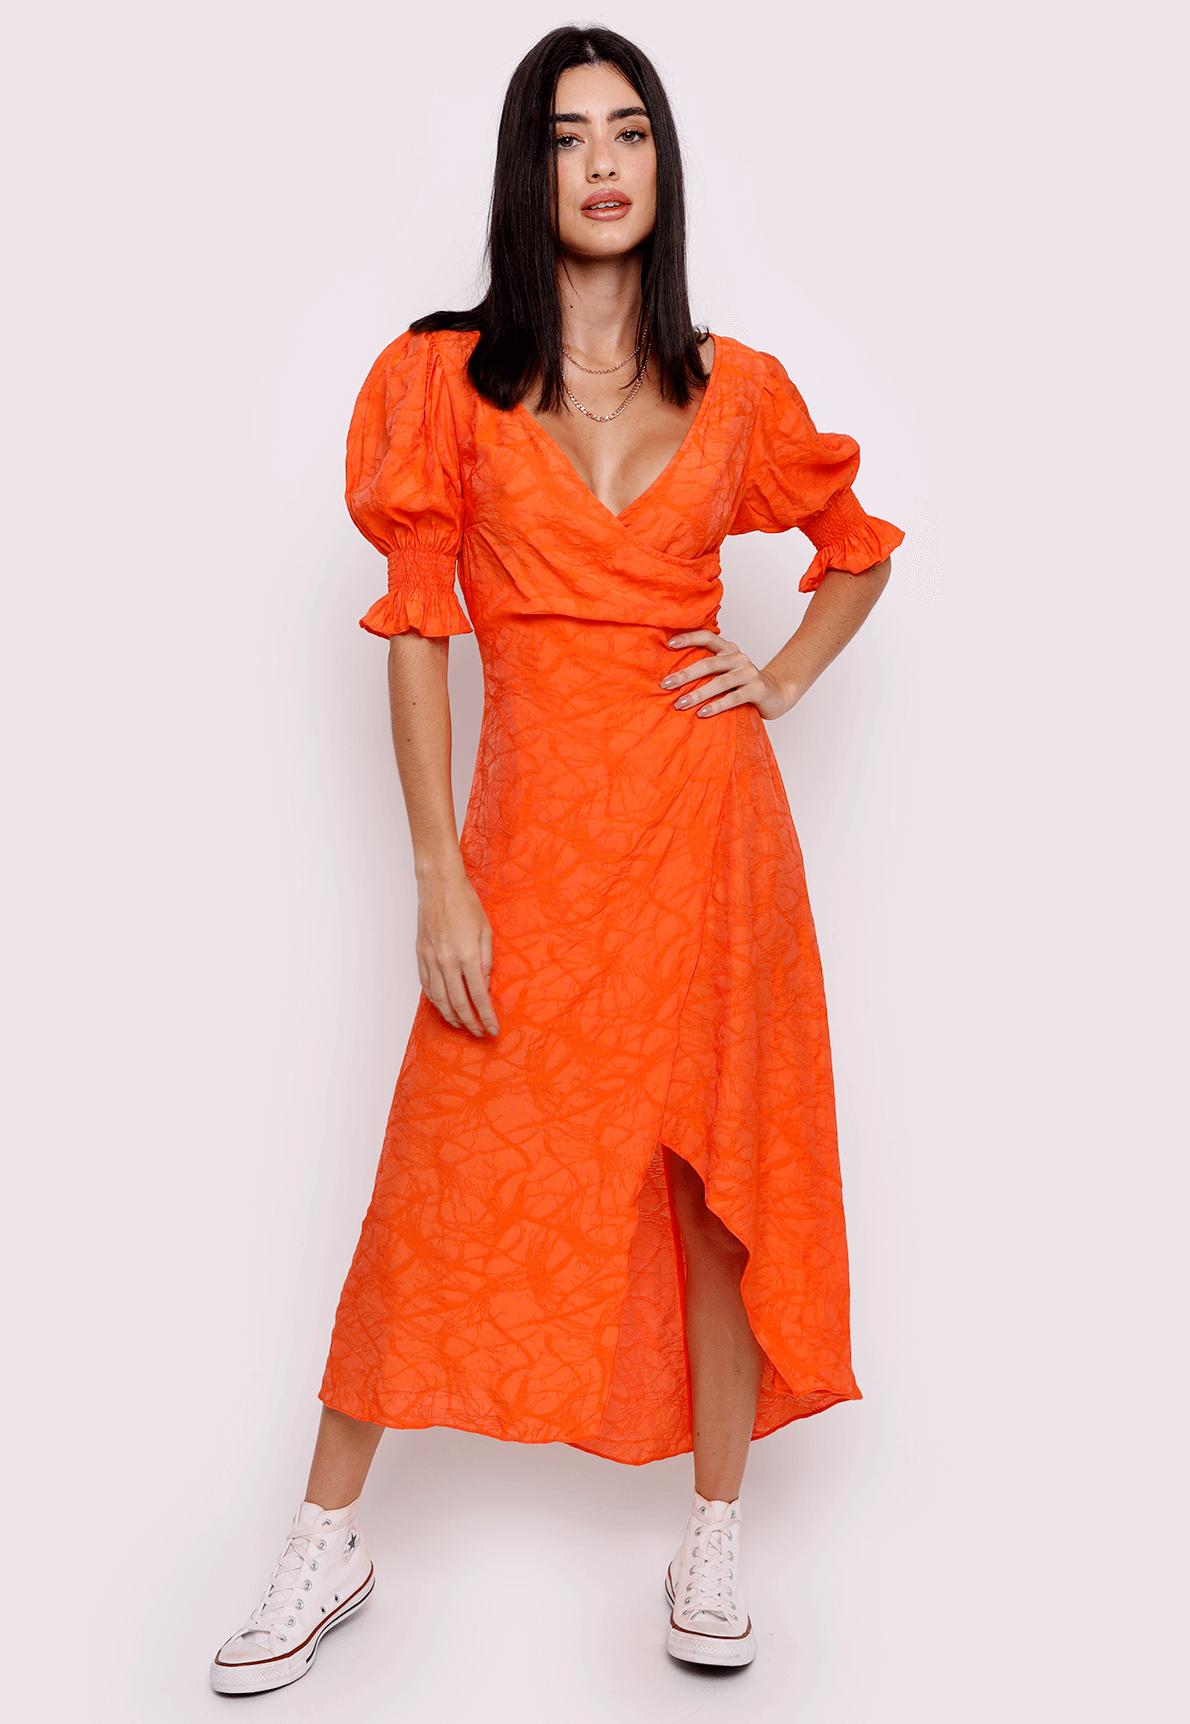 36227-vestido-senorita-laranja-mundo-lolita-02